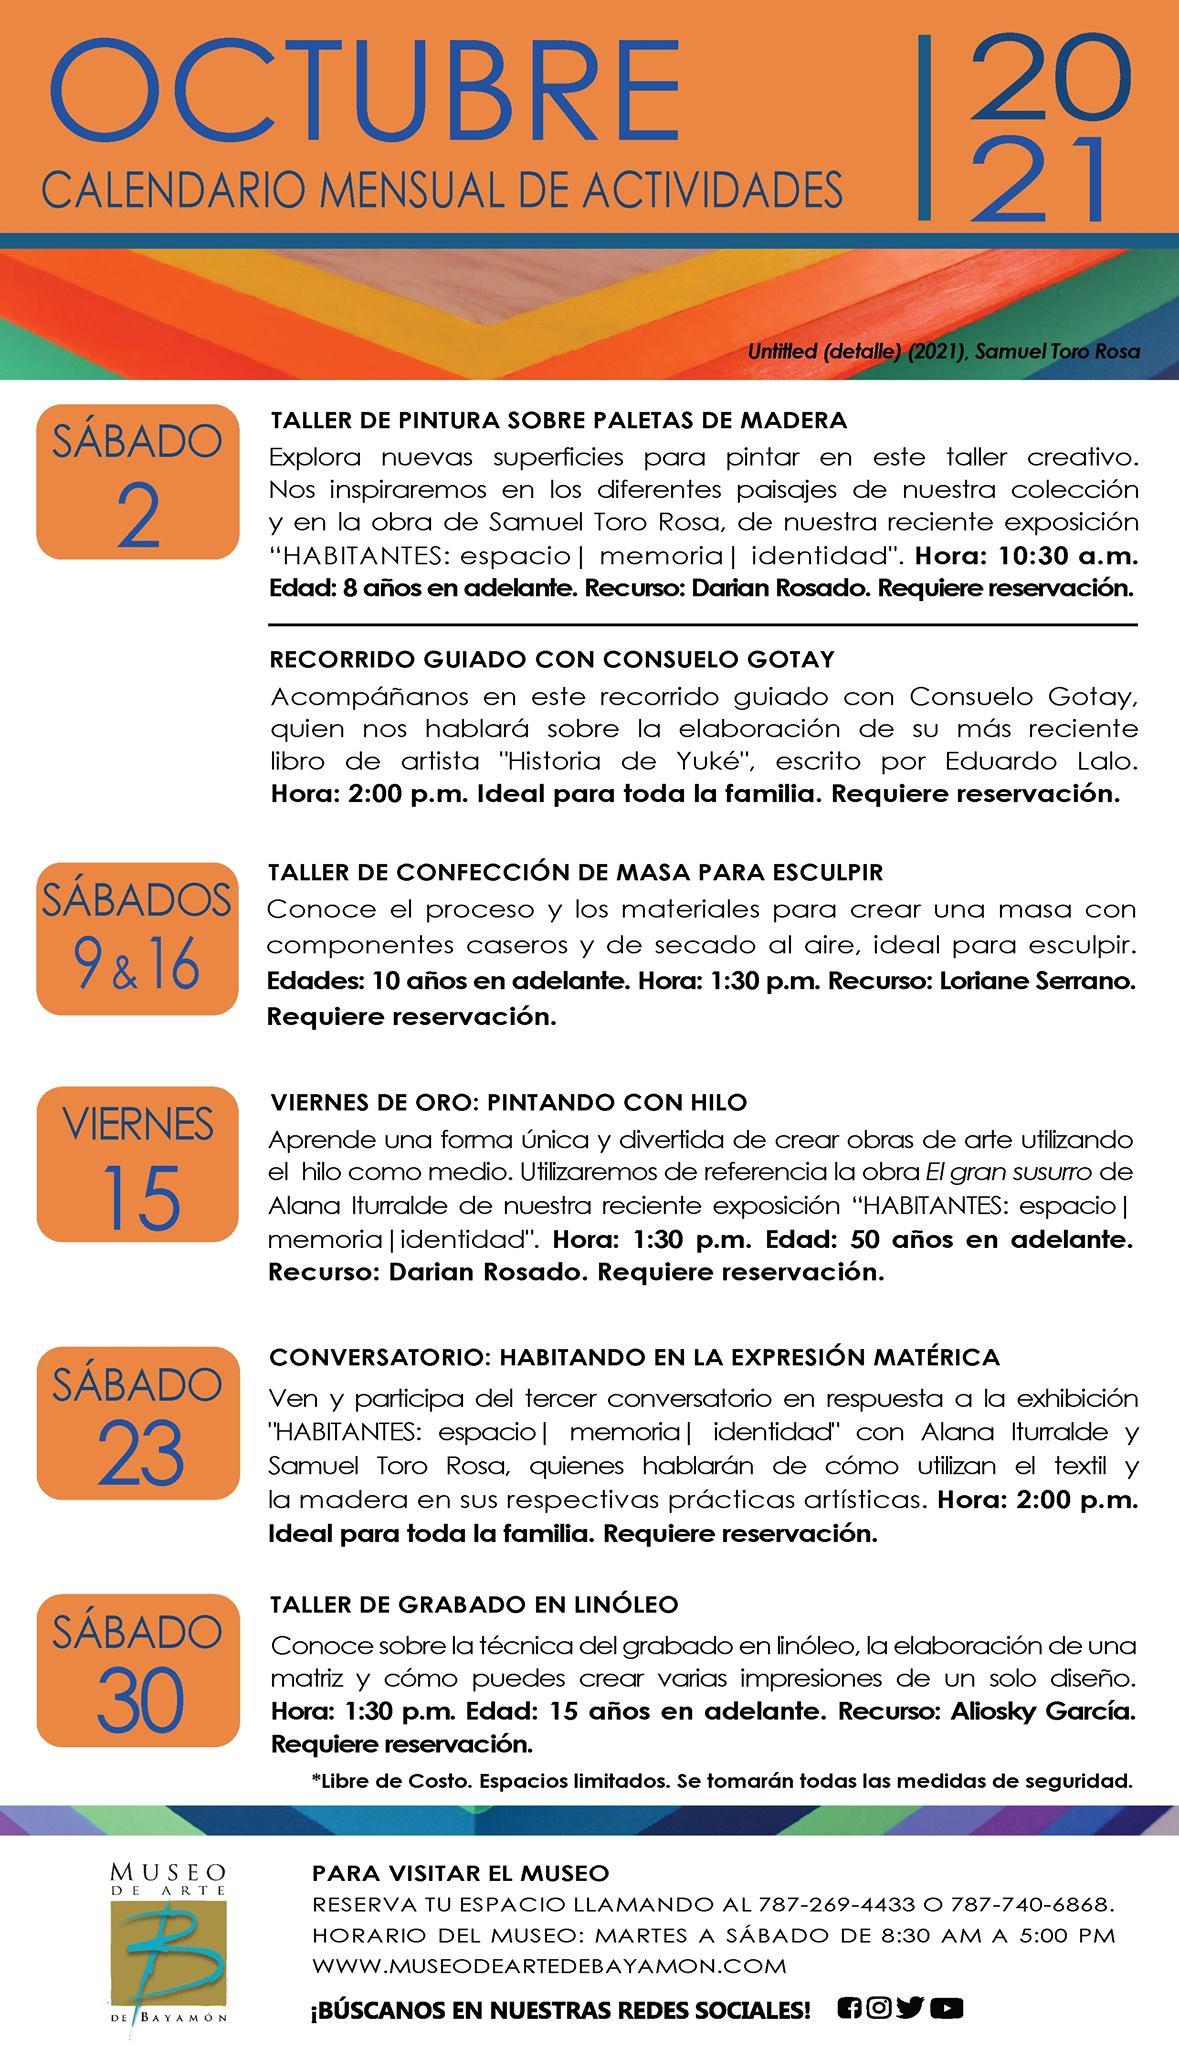 Calendario de Actividades para el Mes de Octubre